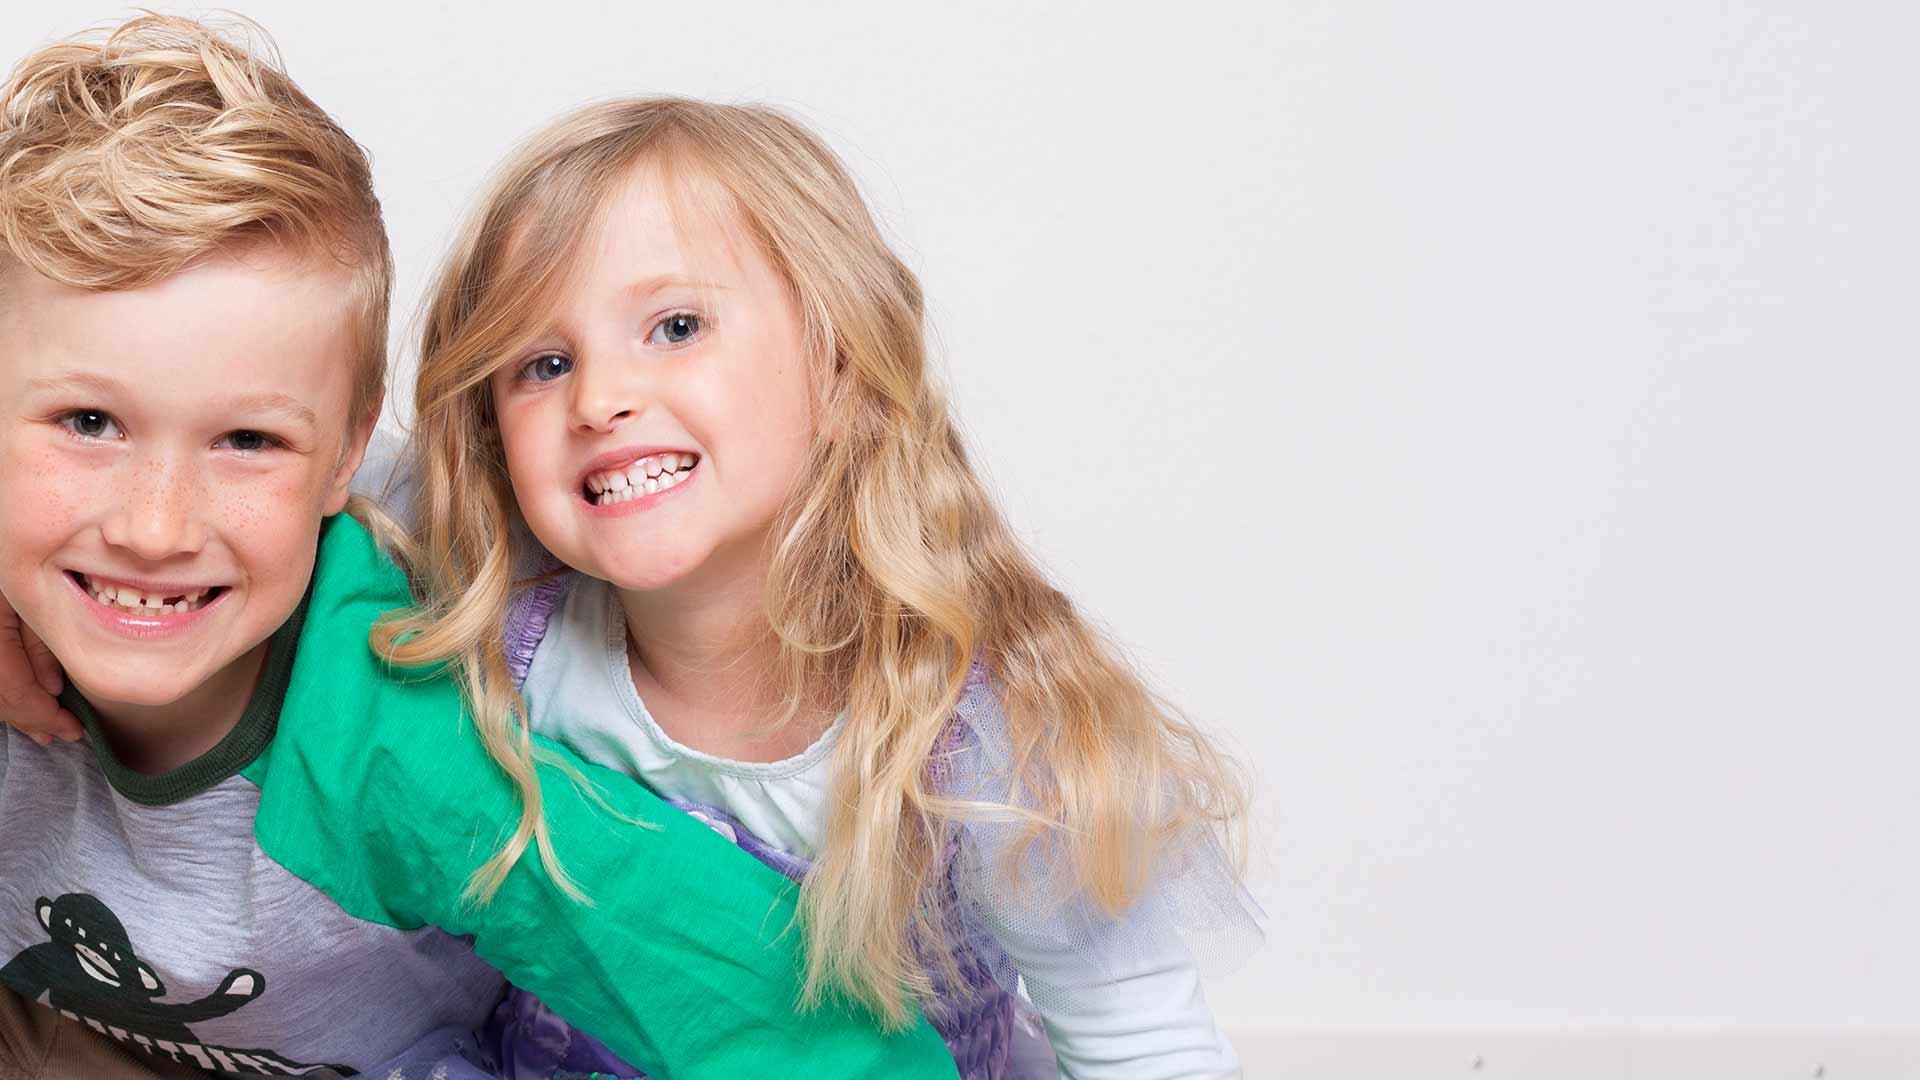 Kinderzahnheilkunde bei mundharmonie Zahngesundheit in Freiburg Tiengen - lächelnde Kinder